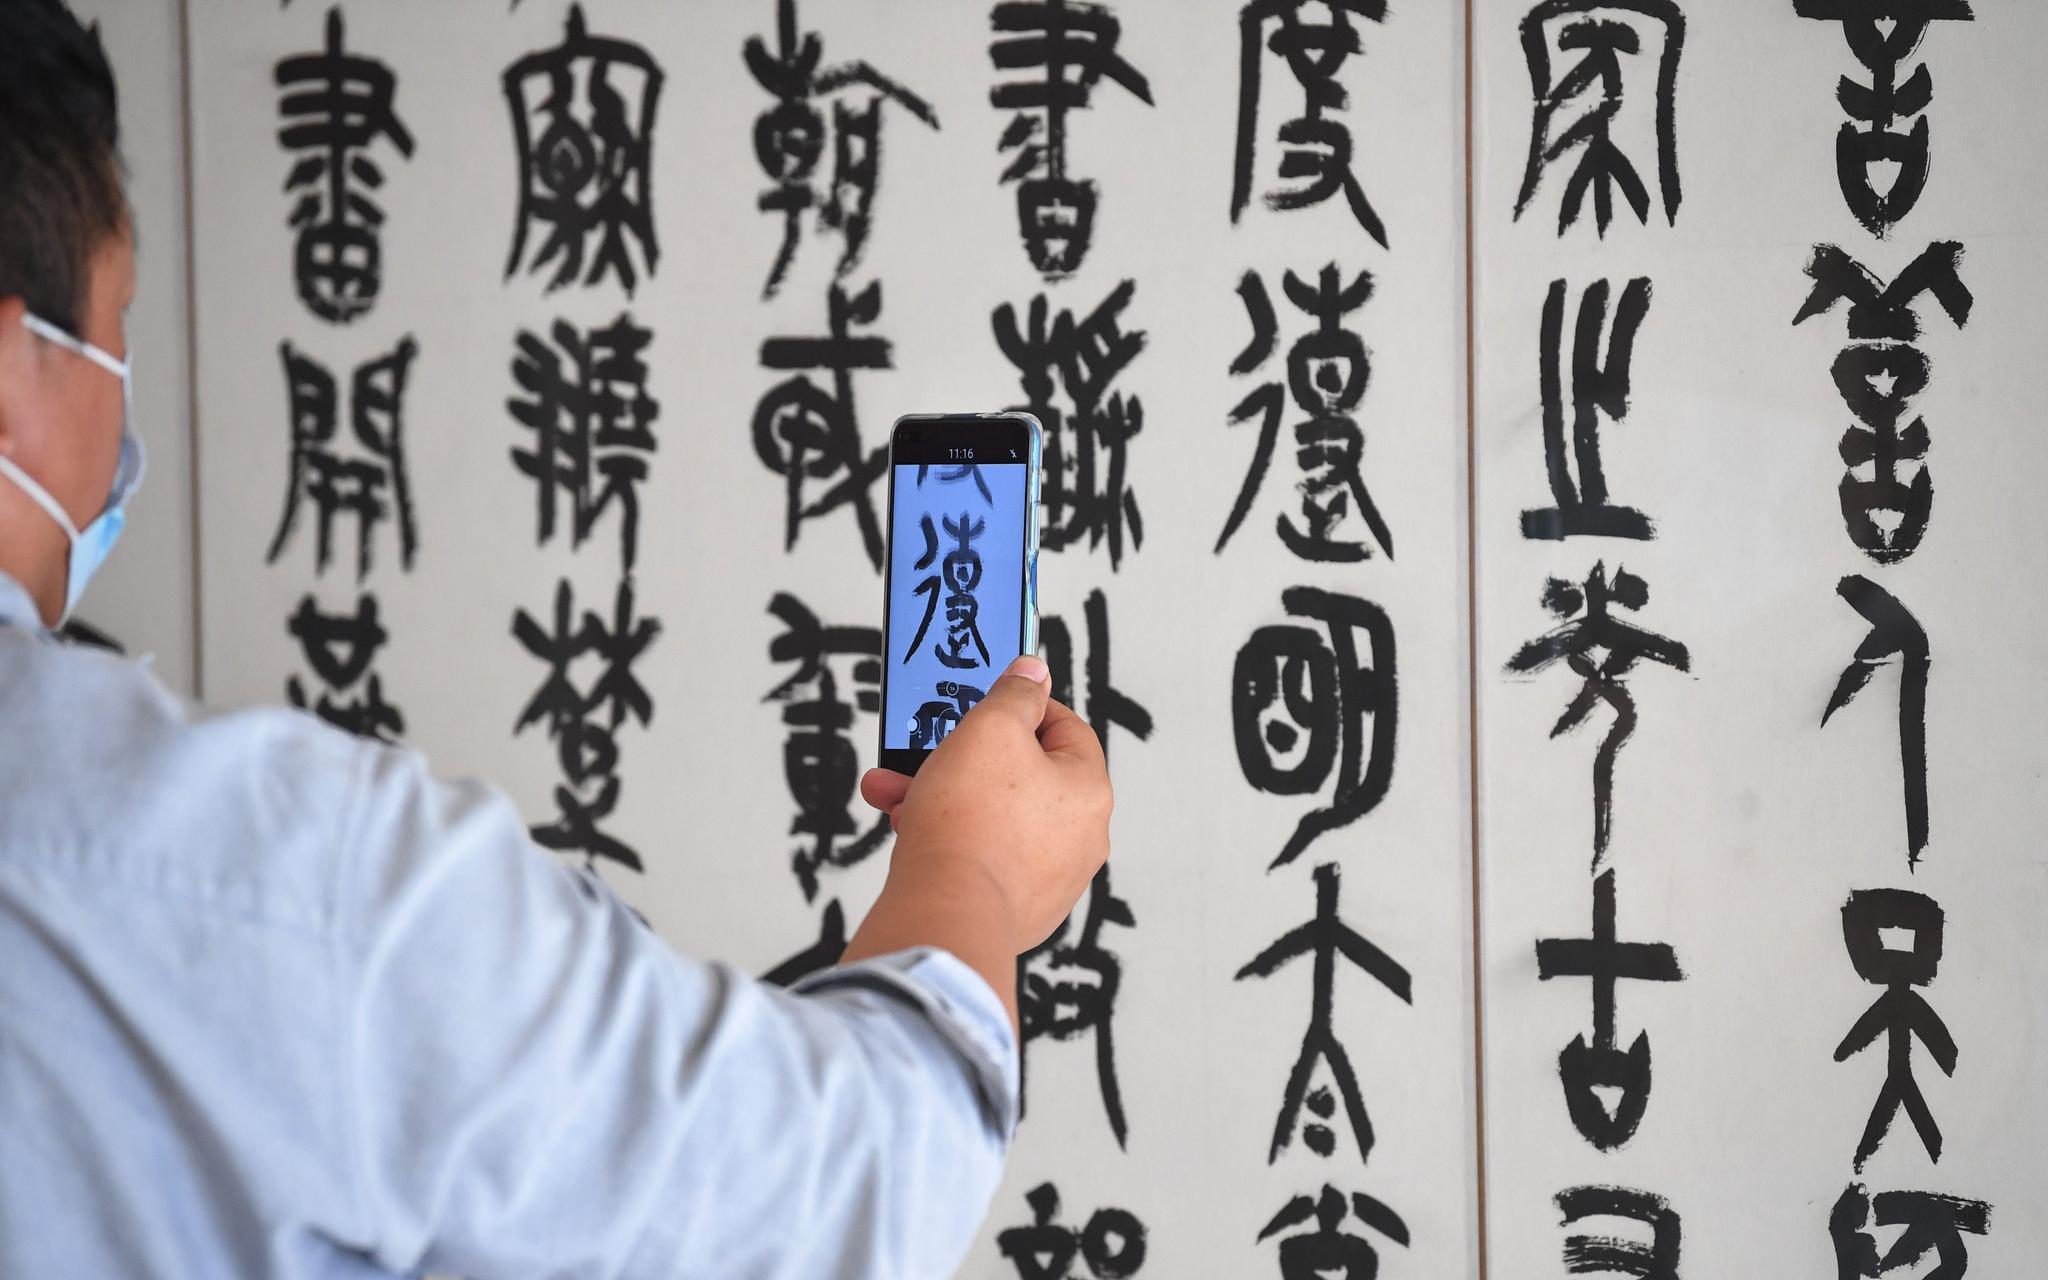 从大字不识几个到书法获奖 村民作品登上平谷区书画展图片